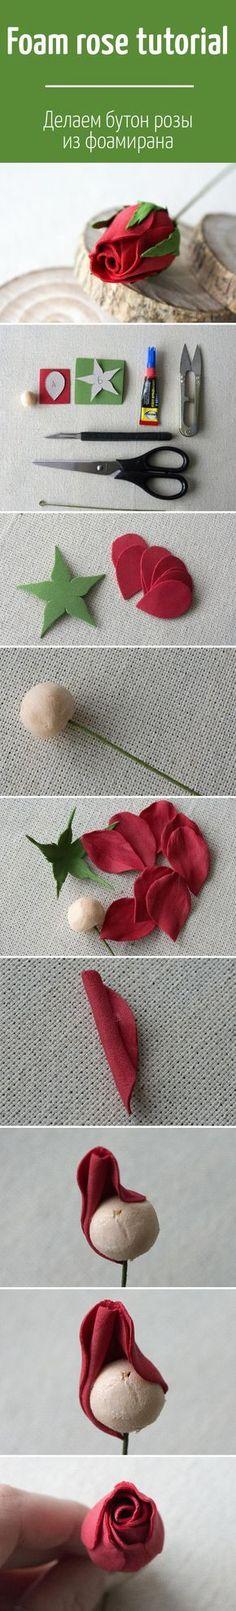 FOM Foam rose tutorial / Делаем бутон розы из фоамирана                                                                                                                                                                                 More